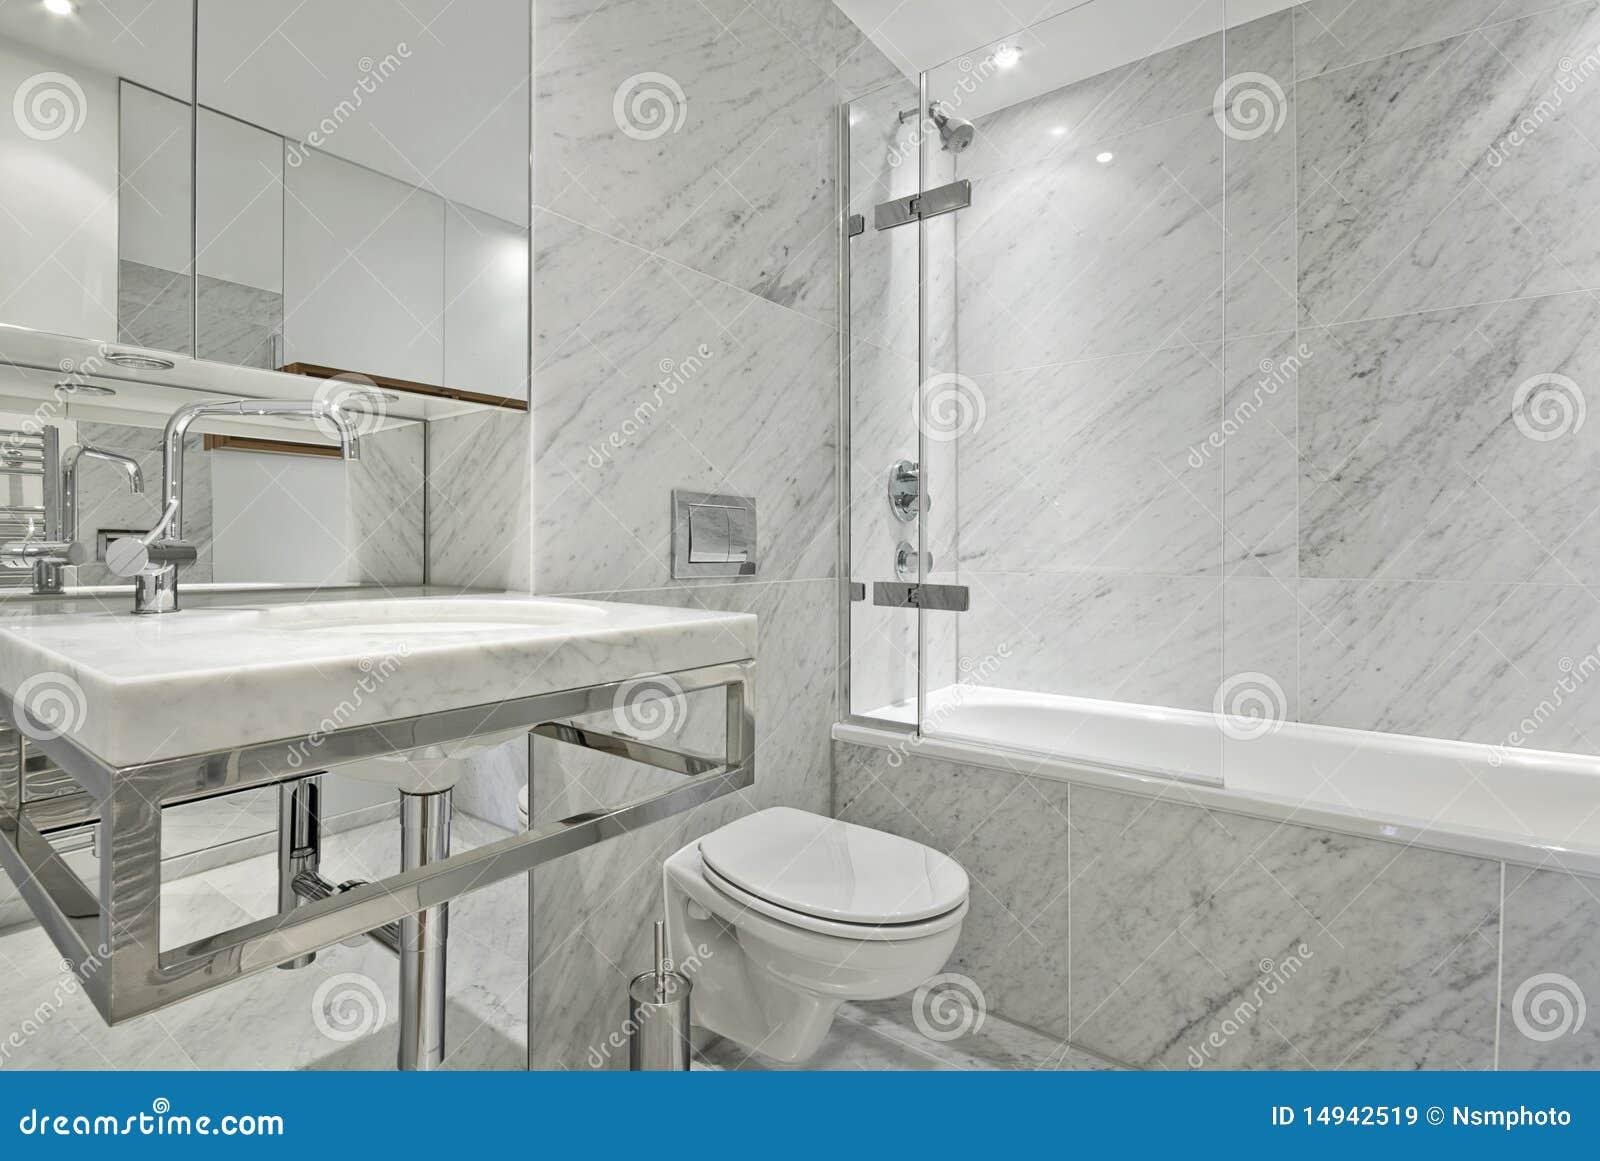 Moderne engelse reeks marmeren badkamers in wit royalty vrije stock afbeeldingen afbeelding - Marmeren douche ...